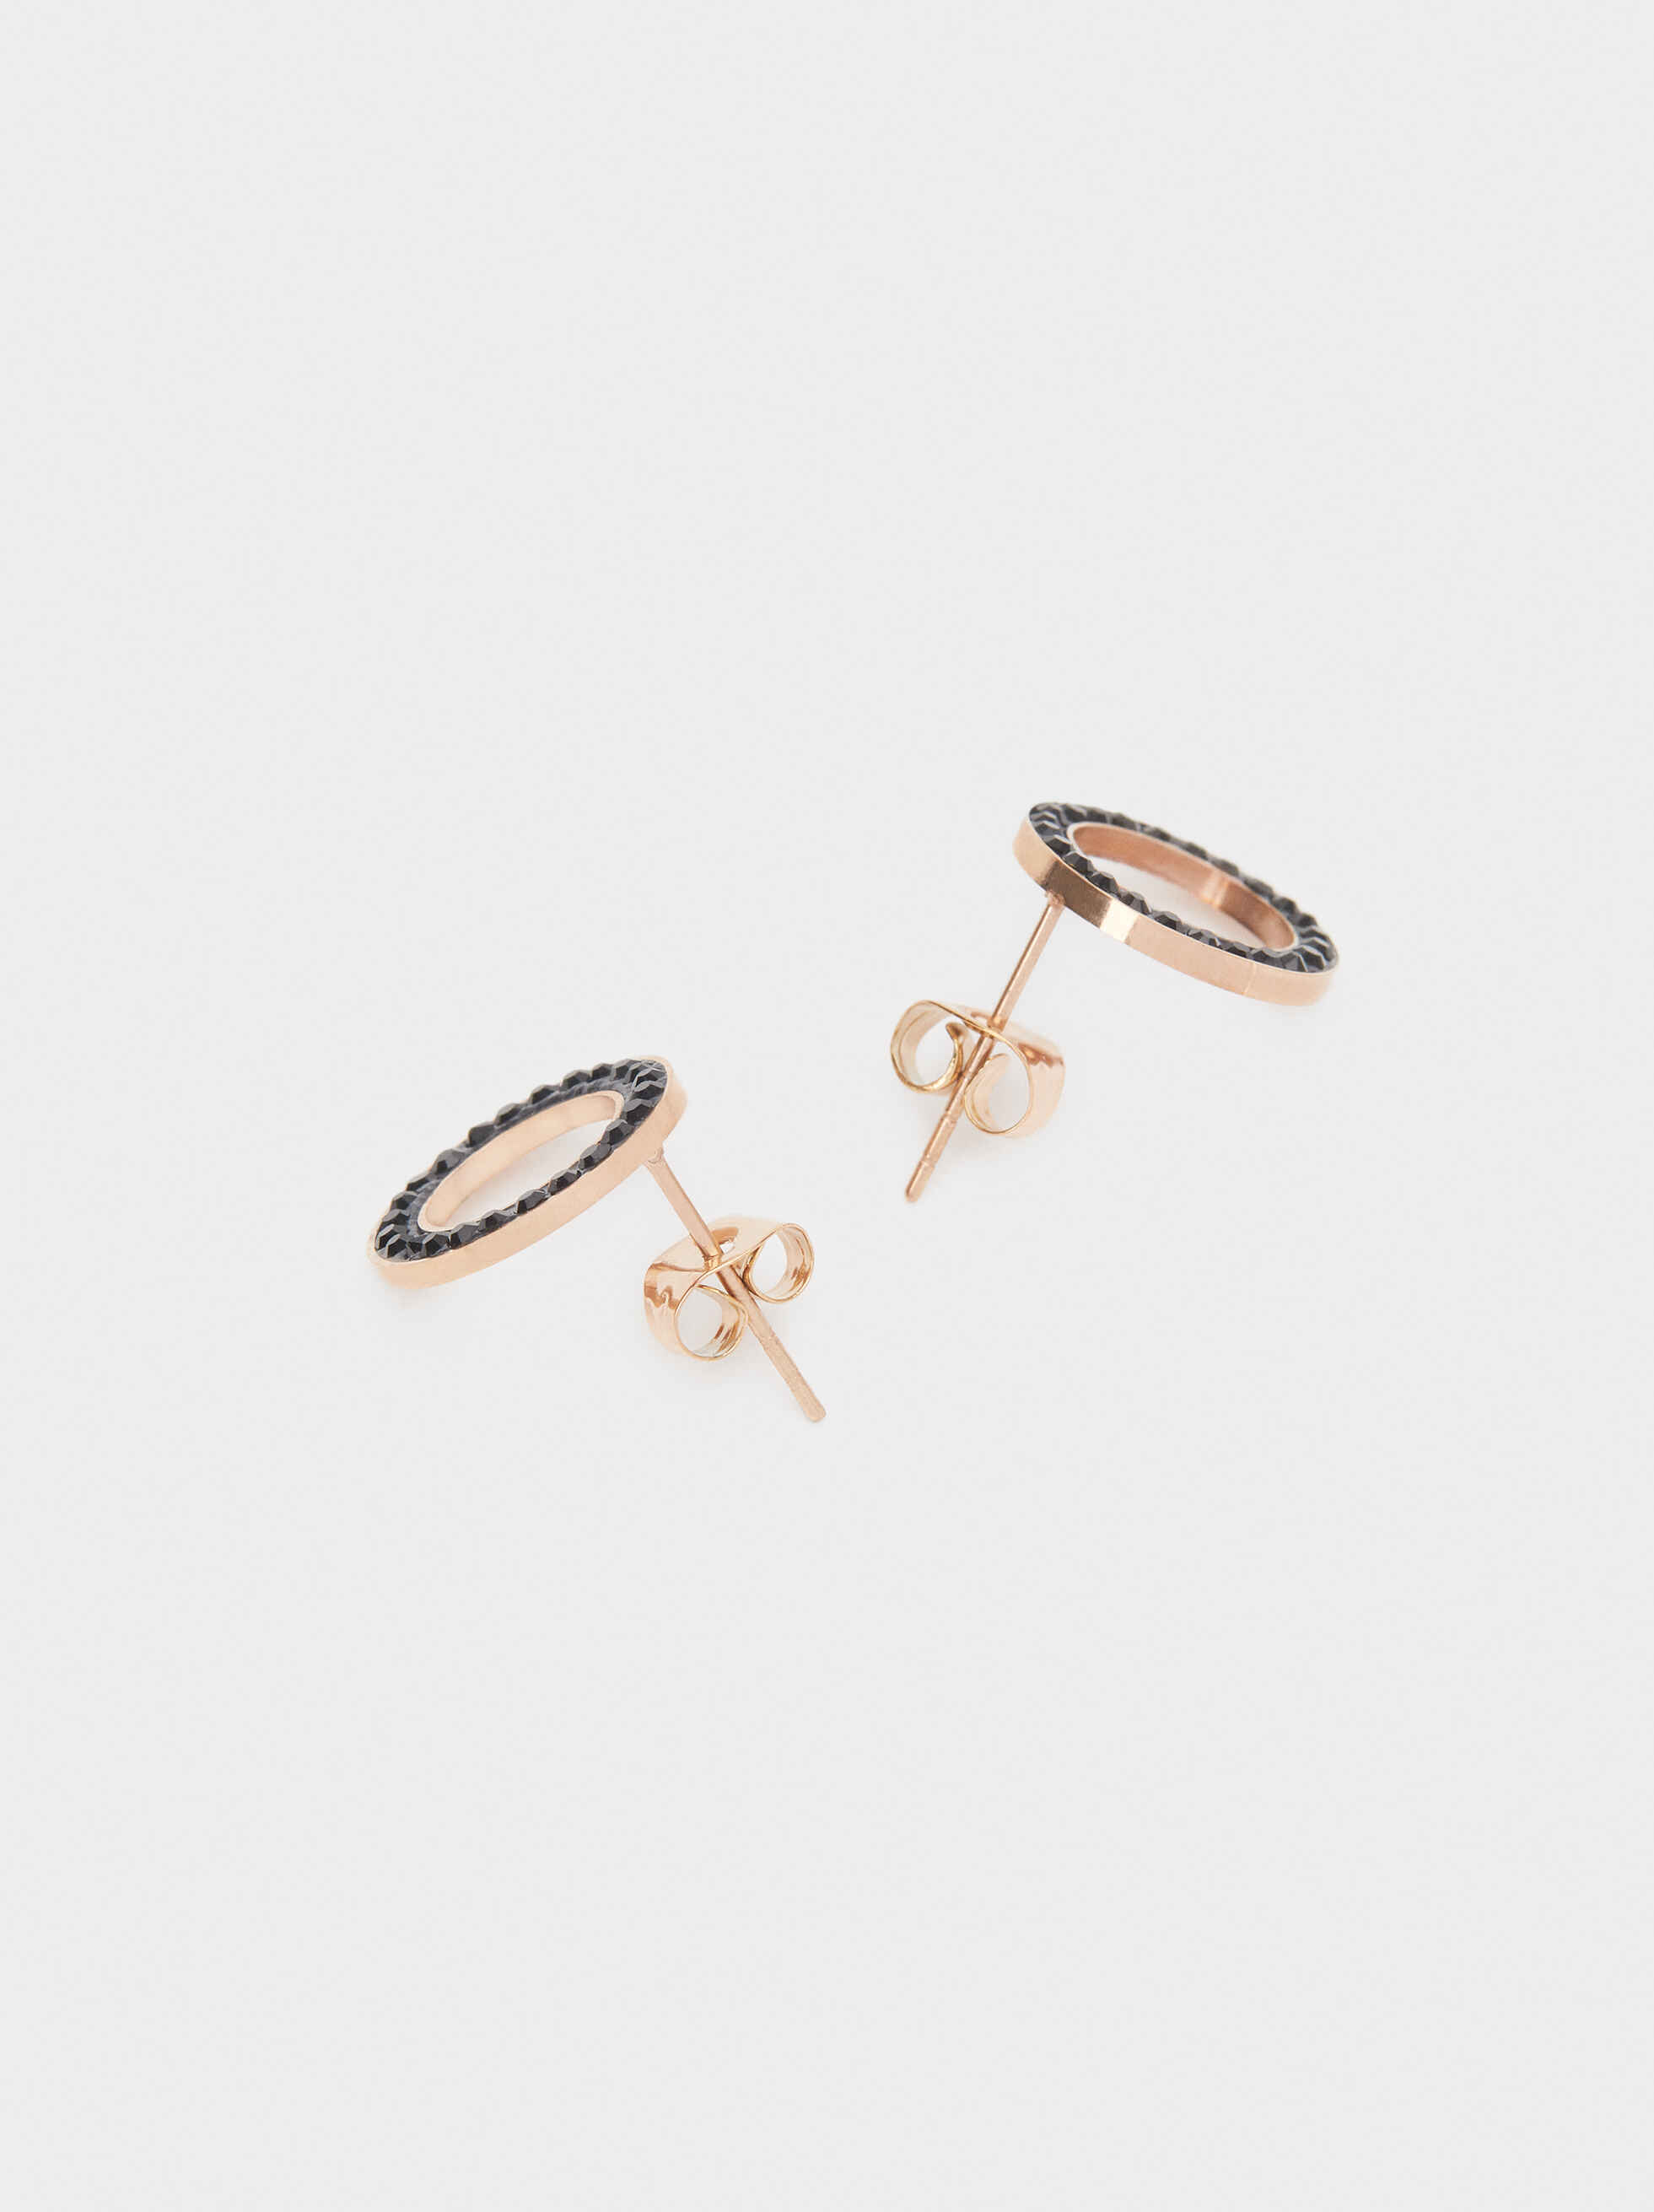 Steel Short Earrings With Rhinestones, Orange, hi-res